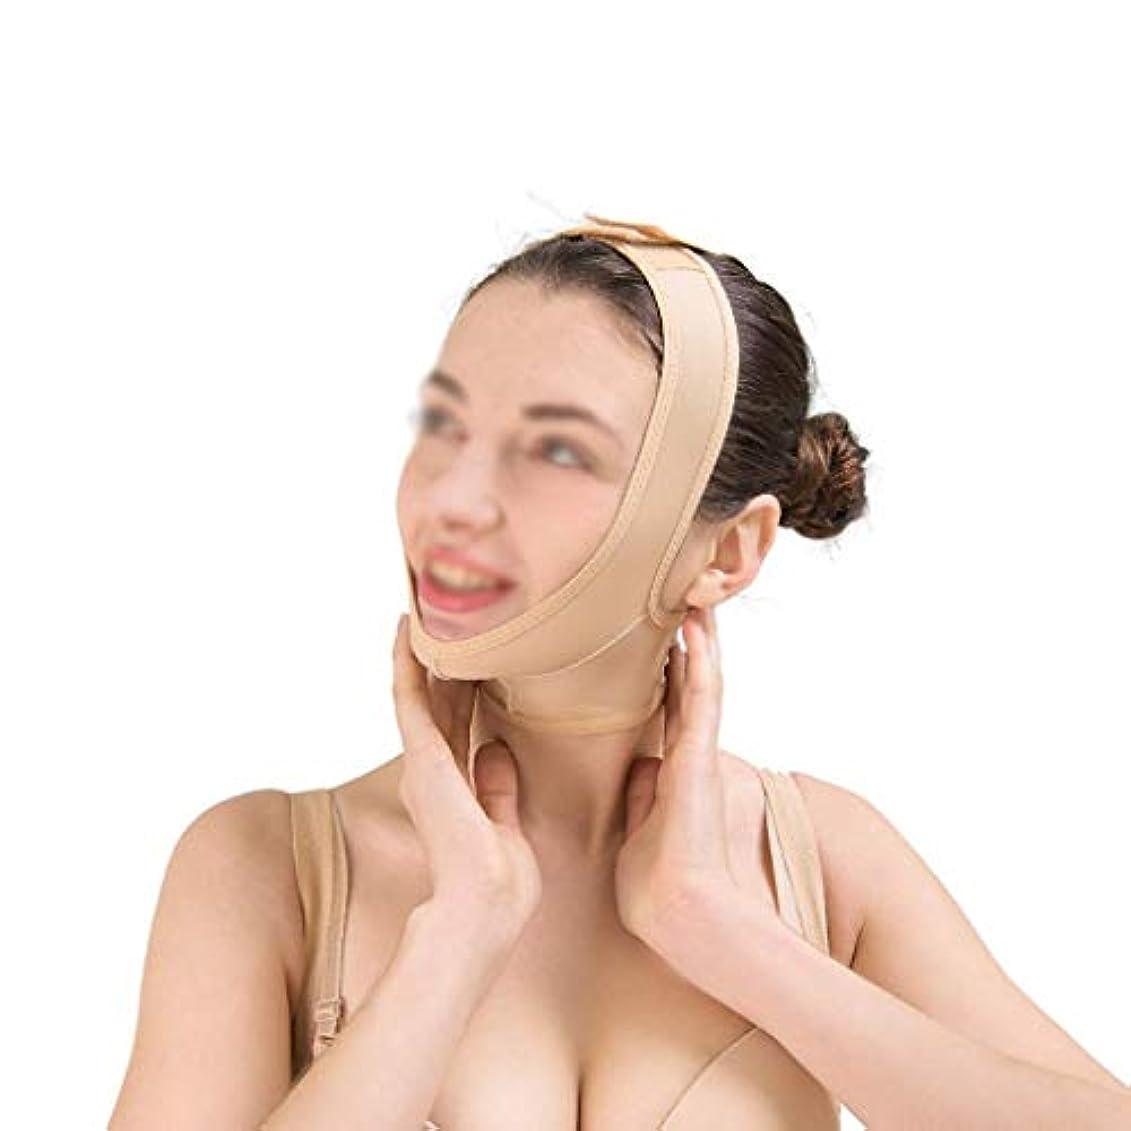 コミュニケーションペパーミント砲撃ダブルチンストラップ、包帯の持ち上げ、肌の包帯の持ち上げと引き締め フェイスマスク、快適で 顔の持ち上がるマスク(サイズ:S),XL